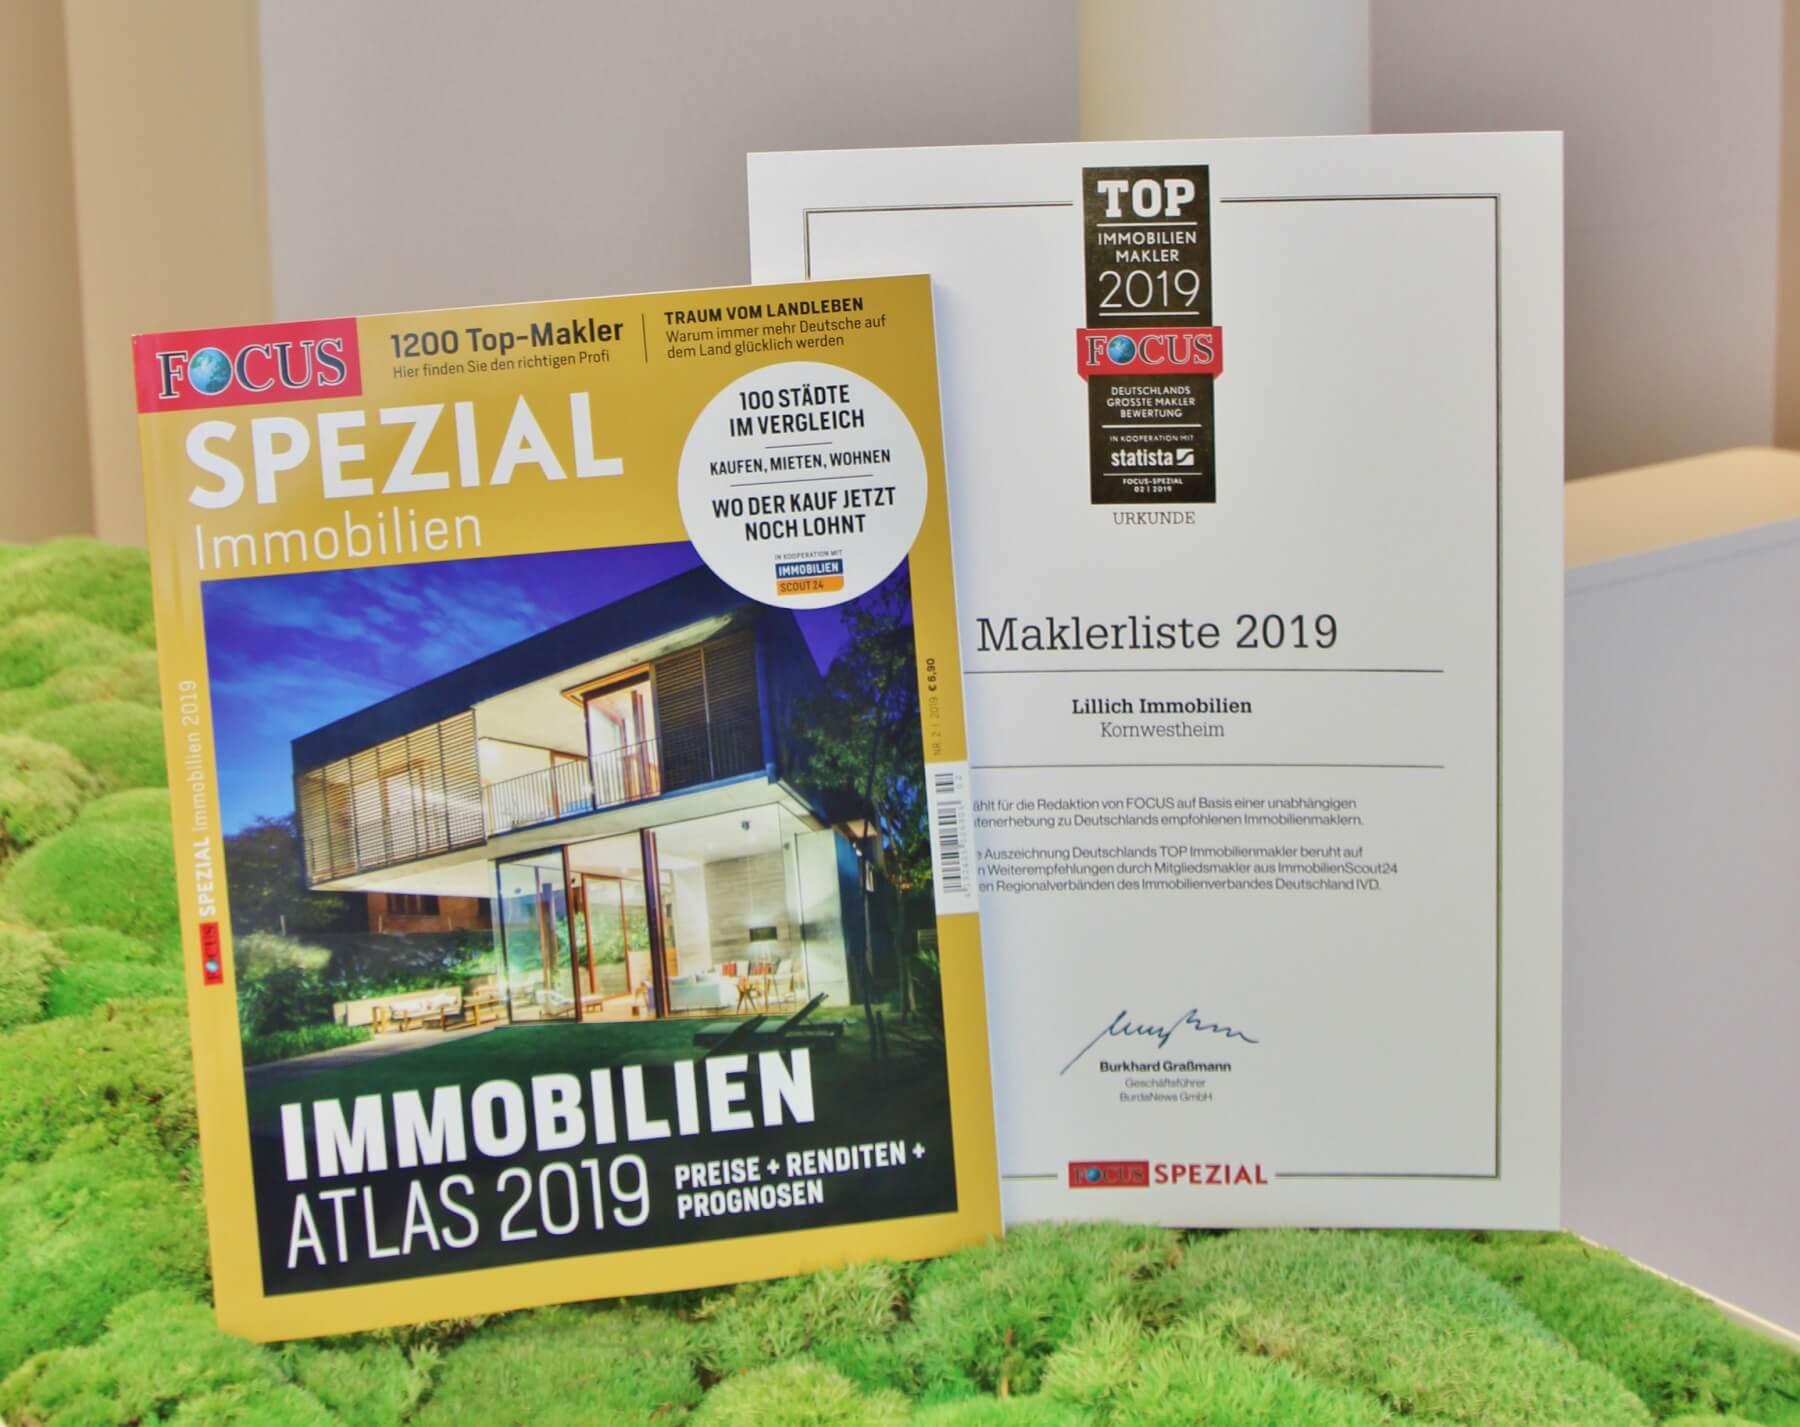 Focus-Spezial: Lillich Immobilien zählt zu Deutschlands Top-Immobilienmaklern 2019!